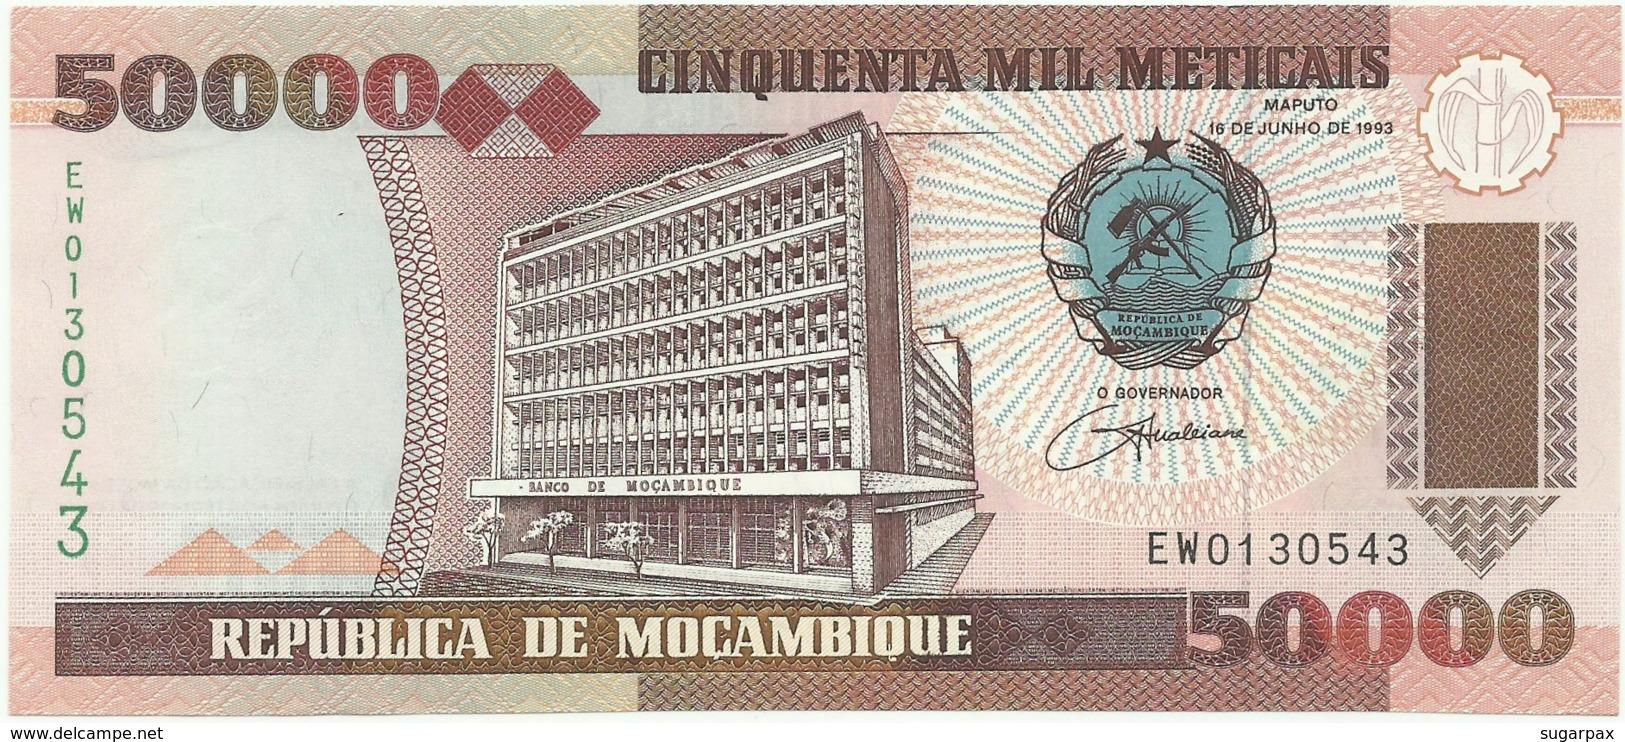 REPLACEMENT Banknote - Mozambique - 50 000 Meticais - 16.06.1993 - P 138 - Serie EW - Unc. - 50000 - Substituição - Mozambique